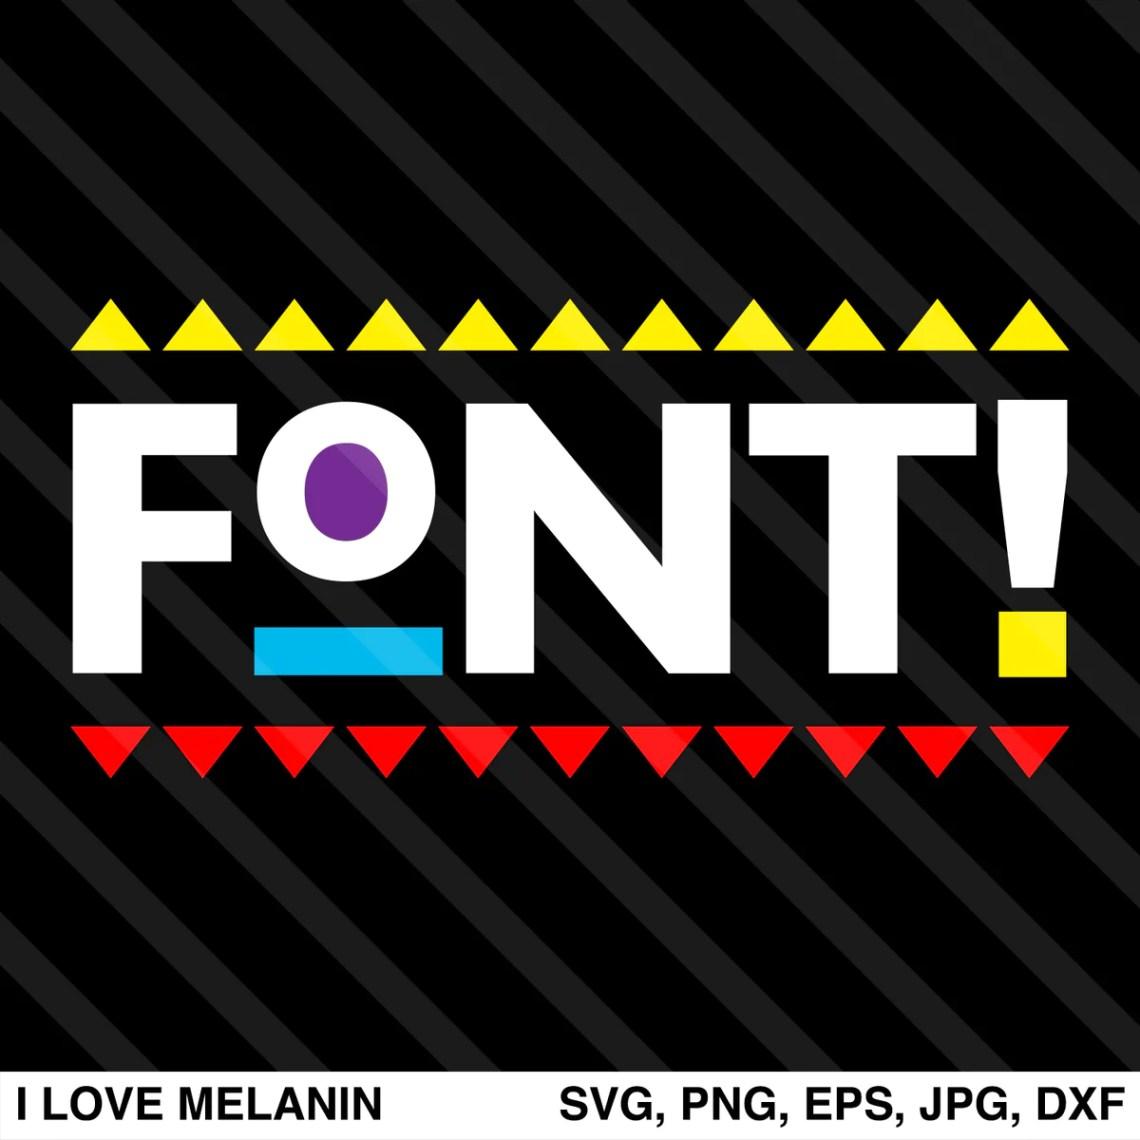 Download Martin Font SVG - I Love Melanin